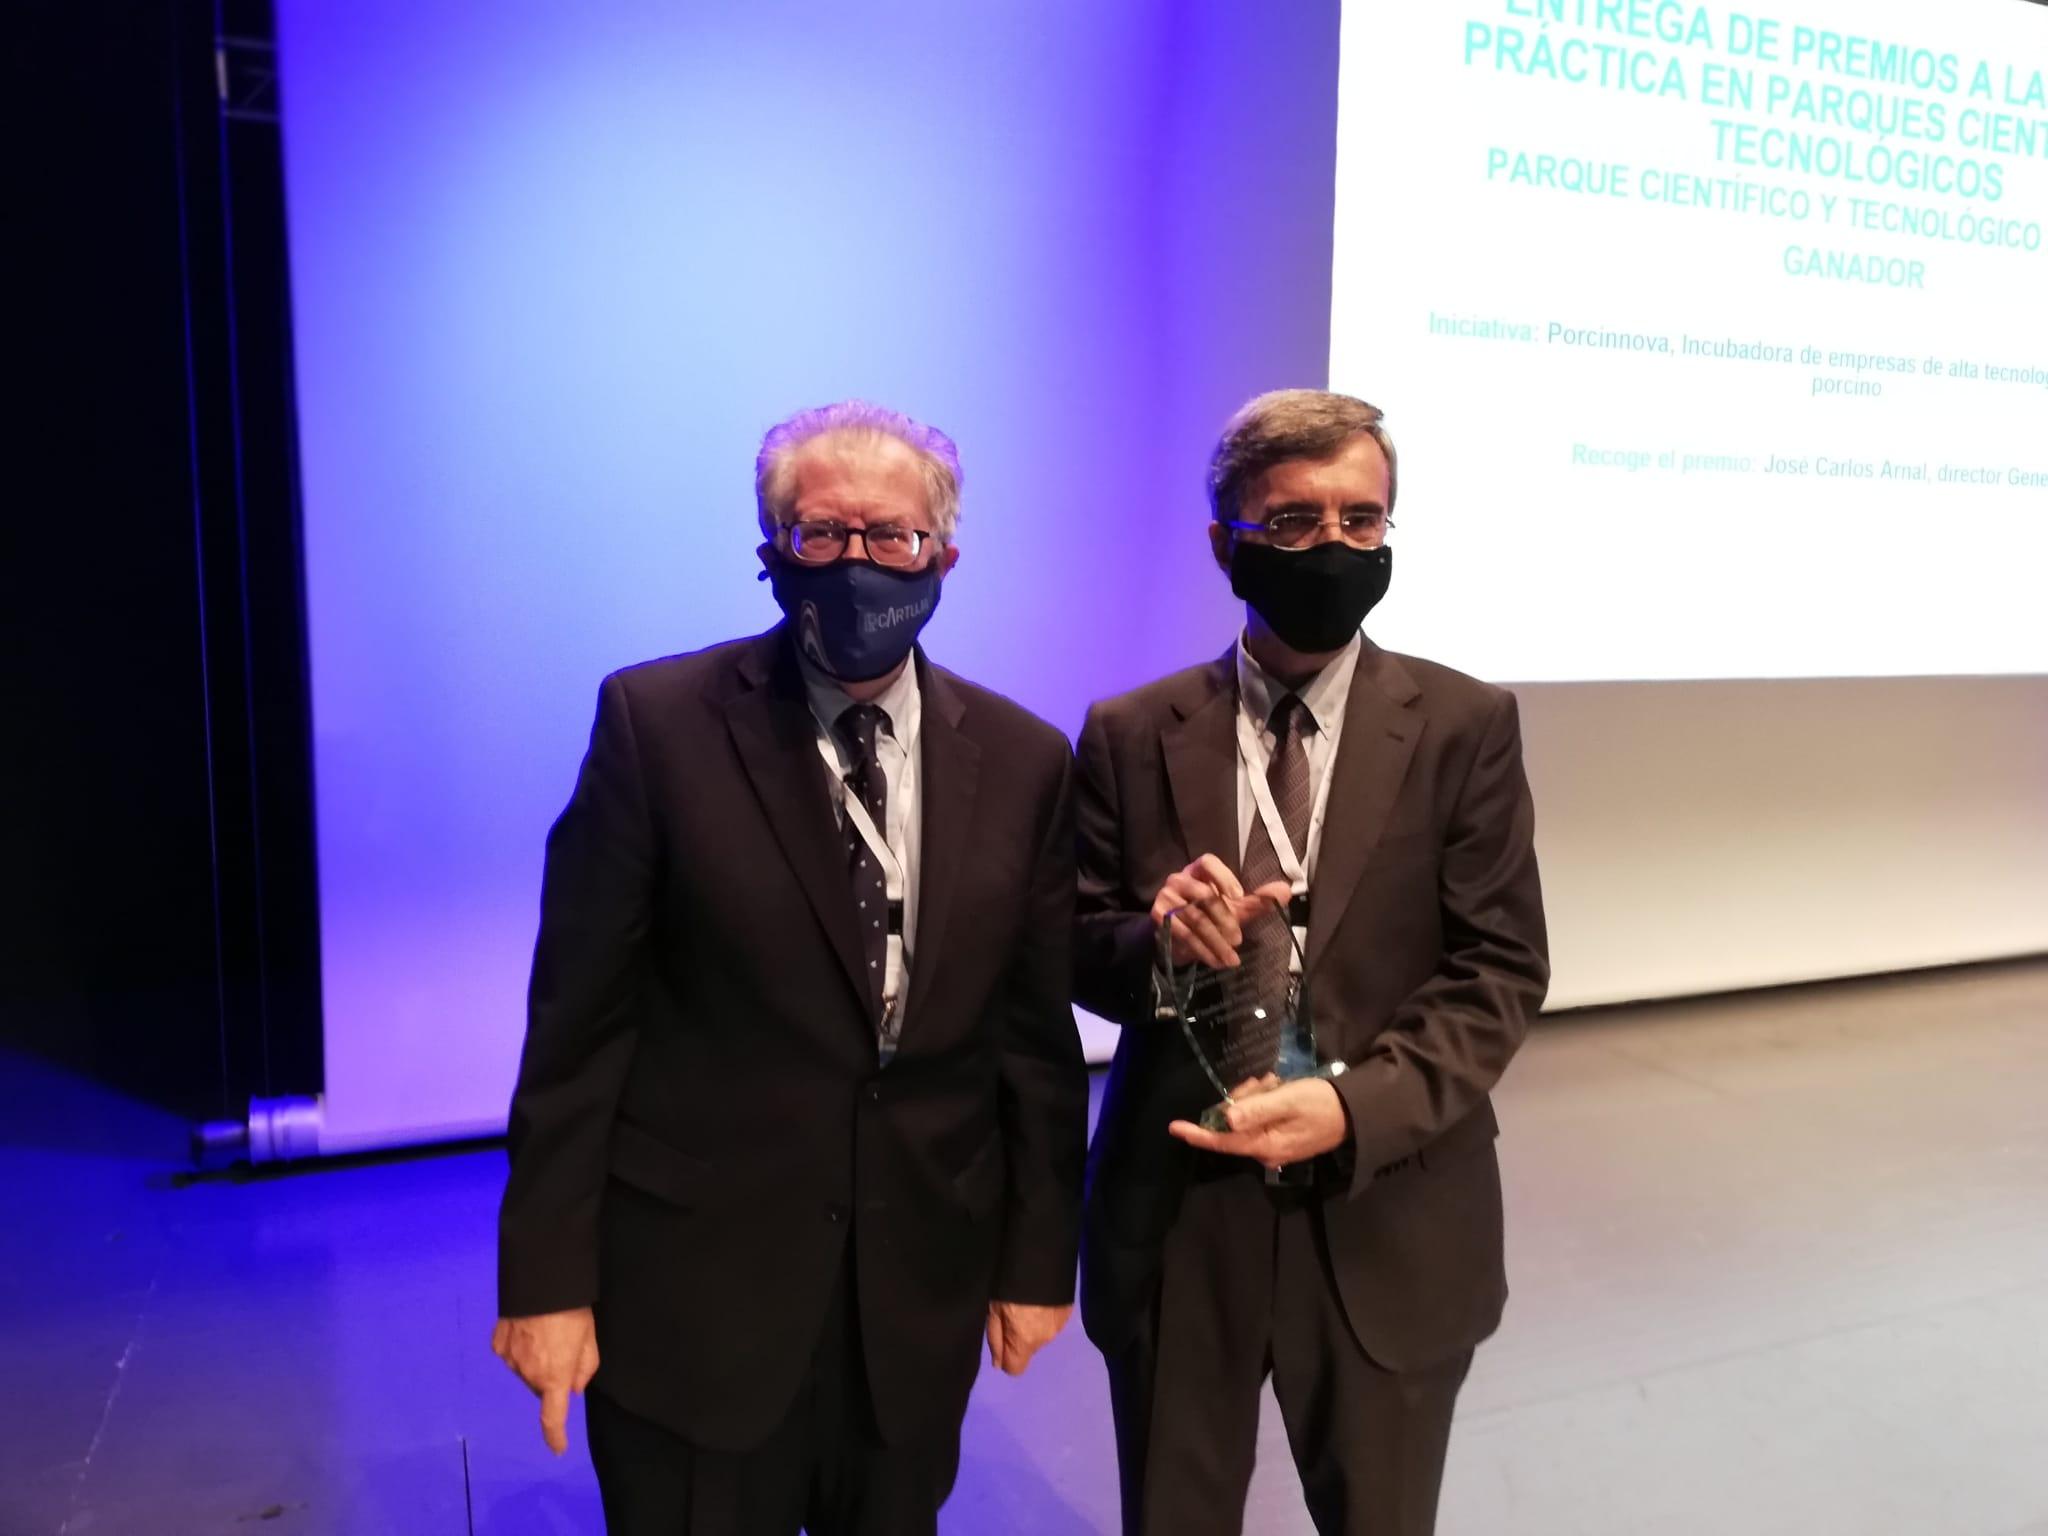 El Parque Científico Tecnológico Aula Dei recibe el Premio a la Mejor Práctica en los Parques Científicos y Tecnológicos Españoles en 2020 por el proyecto PORCINNOVA